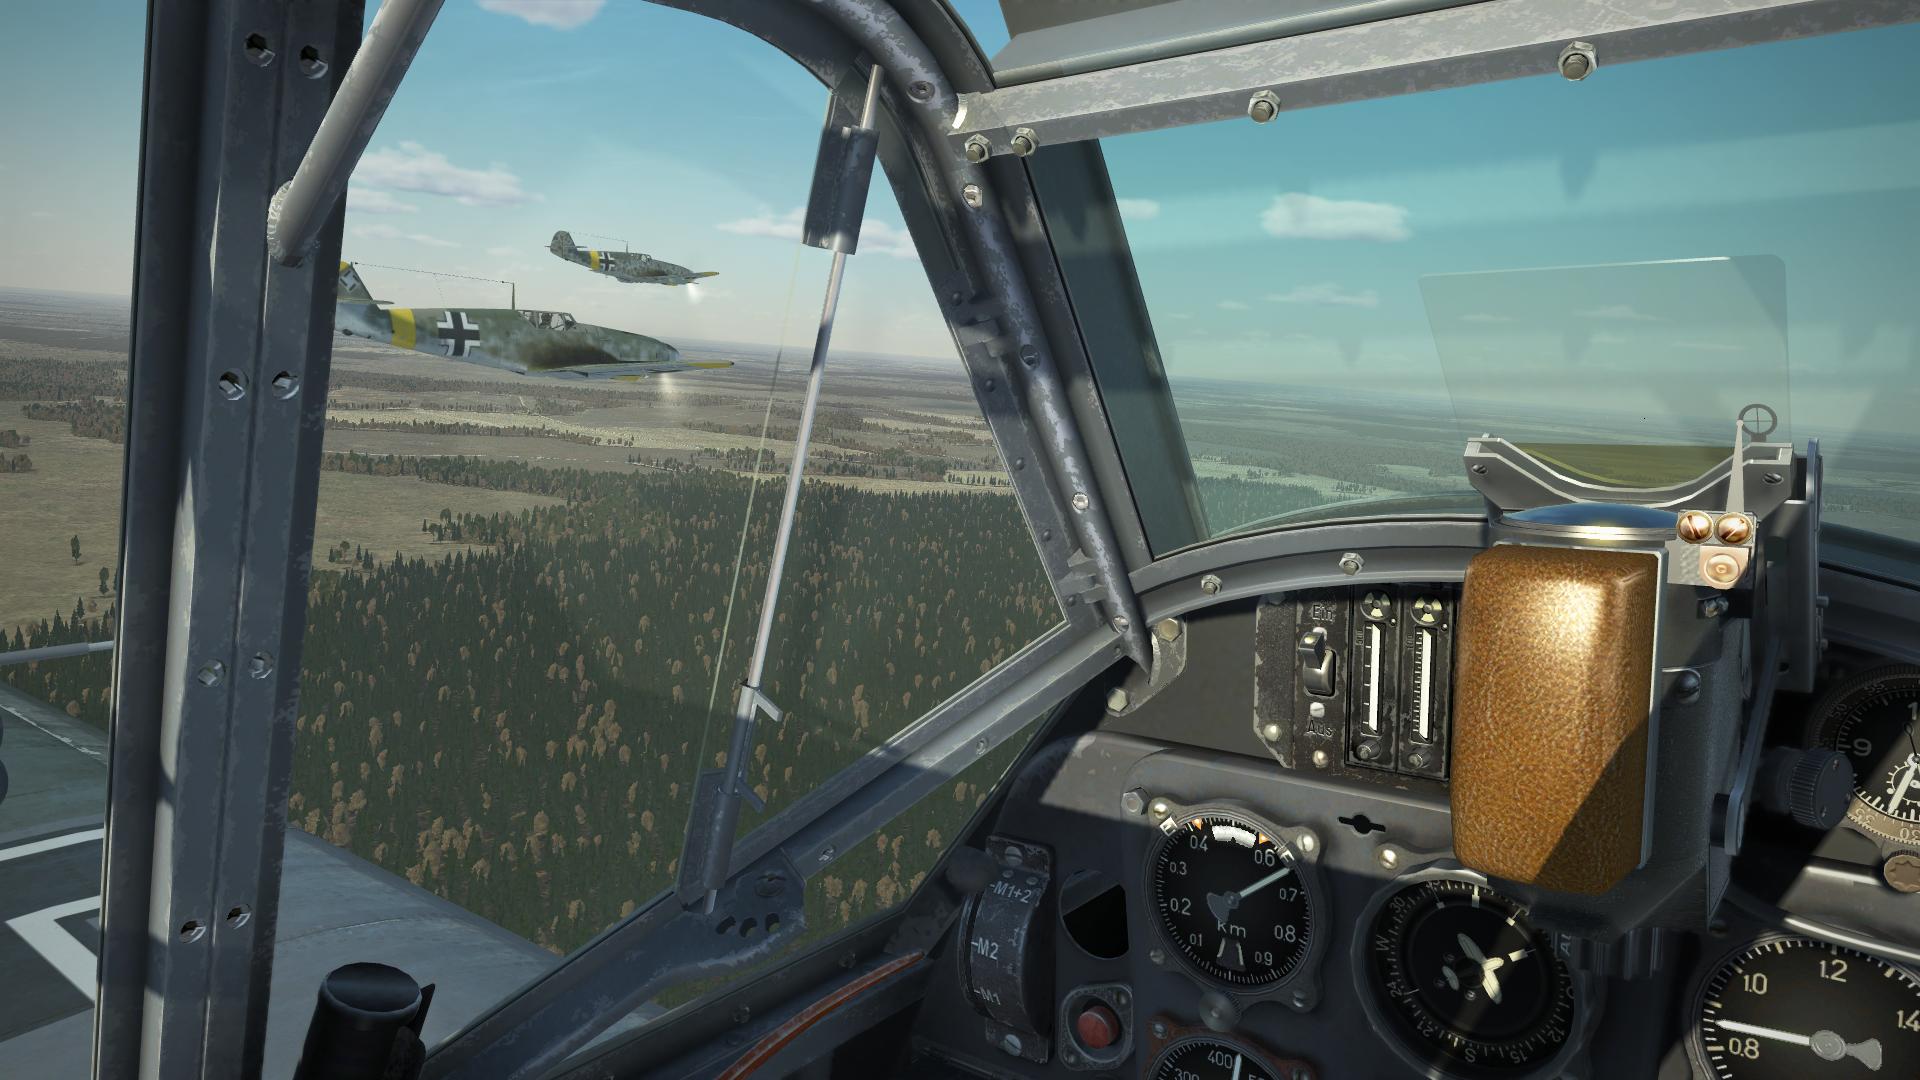 IL-2 Sturmovik Battle of Stalingrad Screenshot 2020.03.23 - 15.34.18.67.png